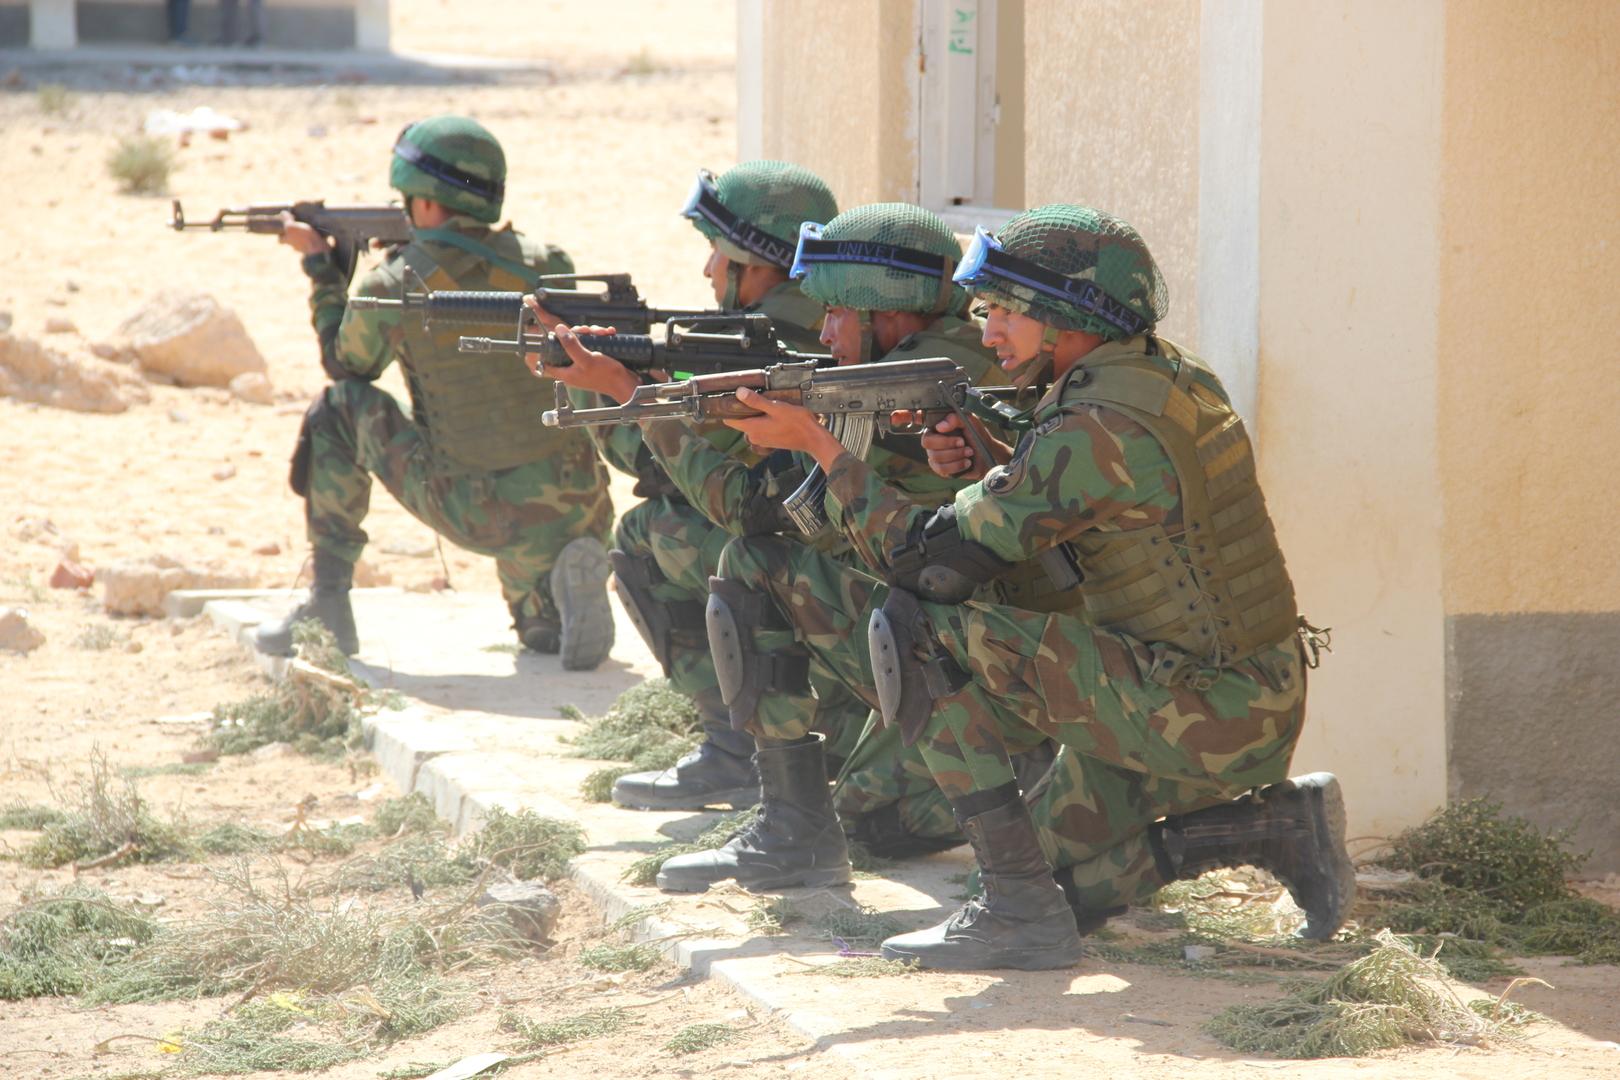 لواء سابق يفسر سبب رغبة الدول في التدريب مع الجيش المصري